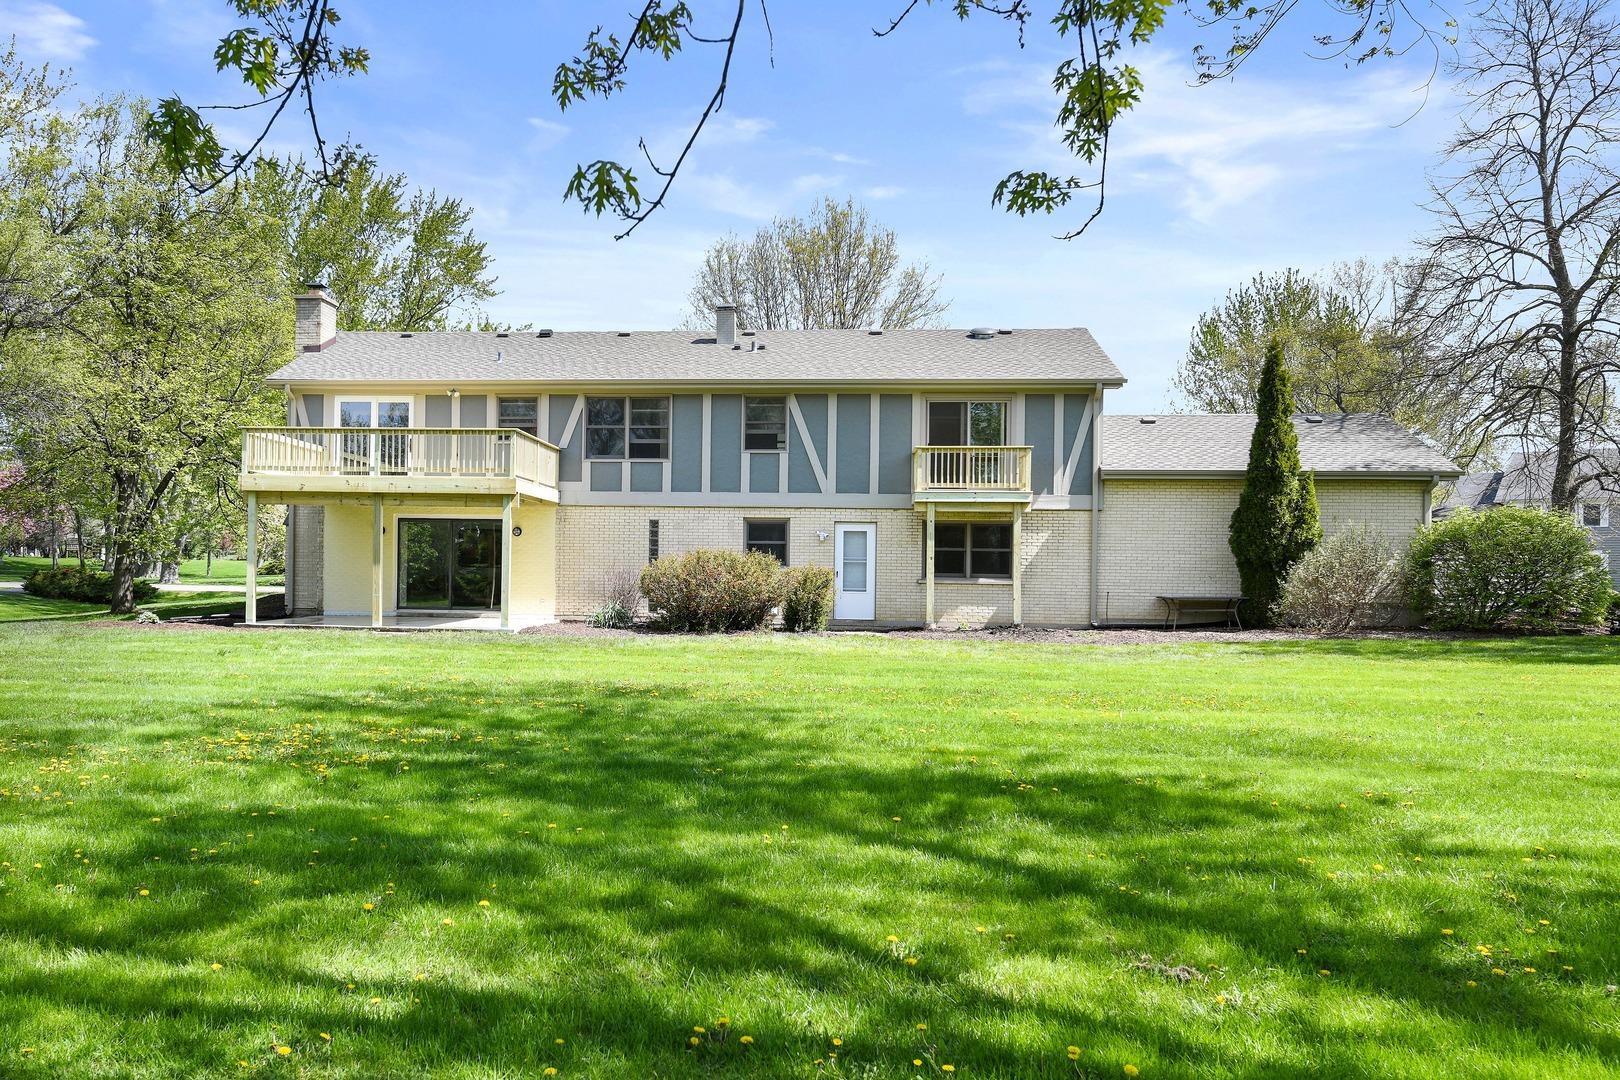 21020 North Crestview, BARRINGTON, Illinois, 60010